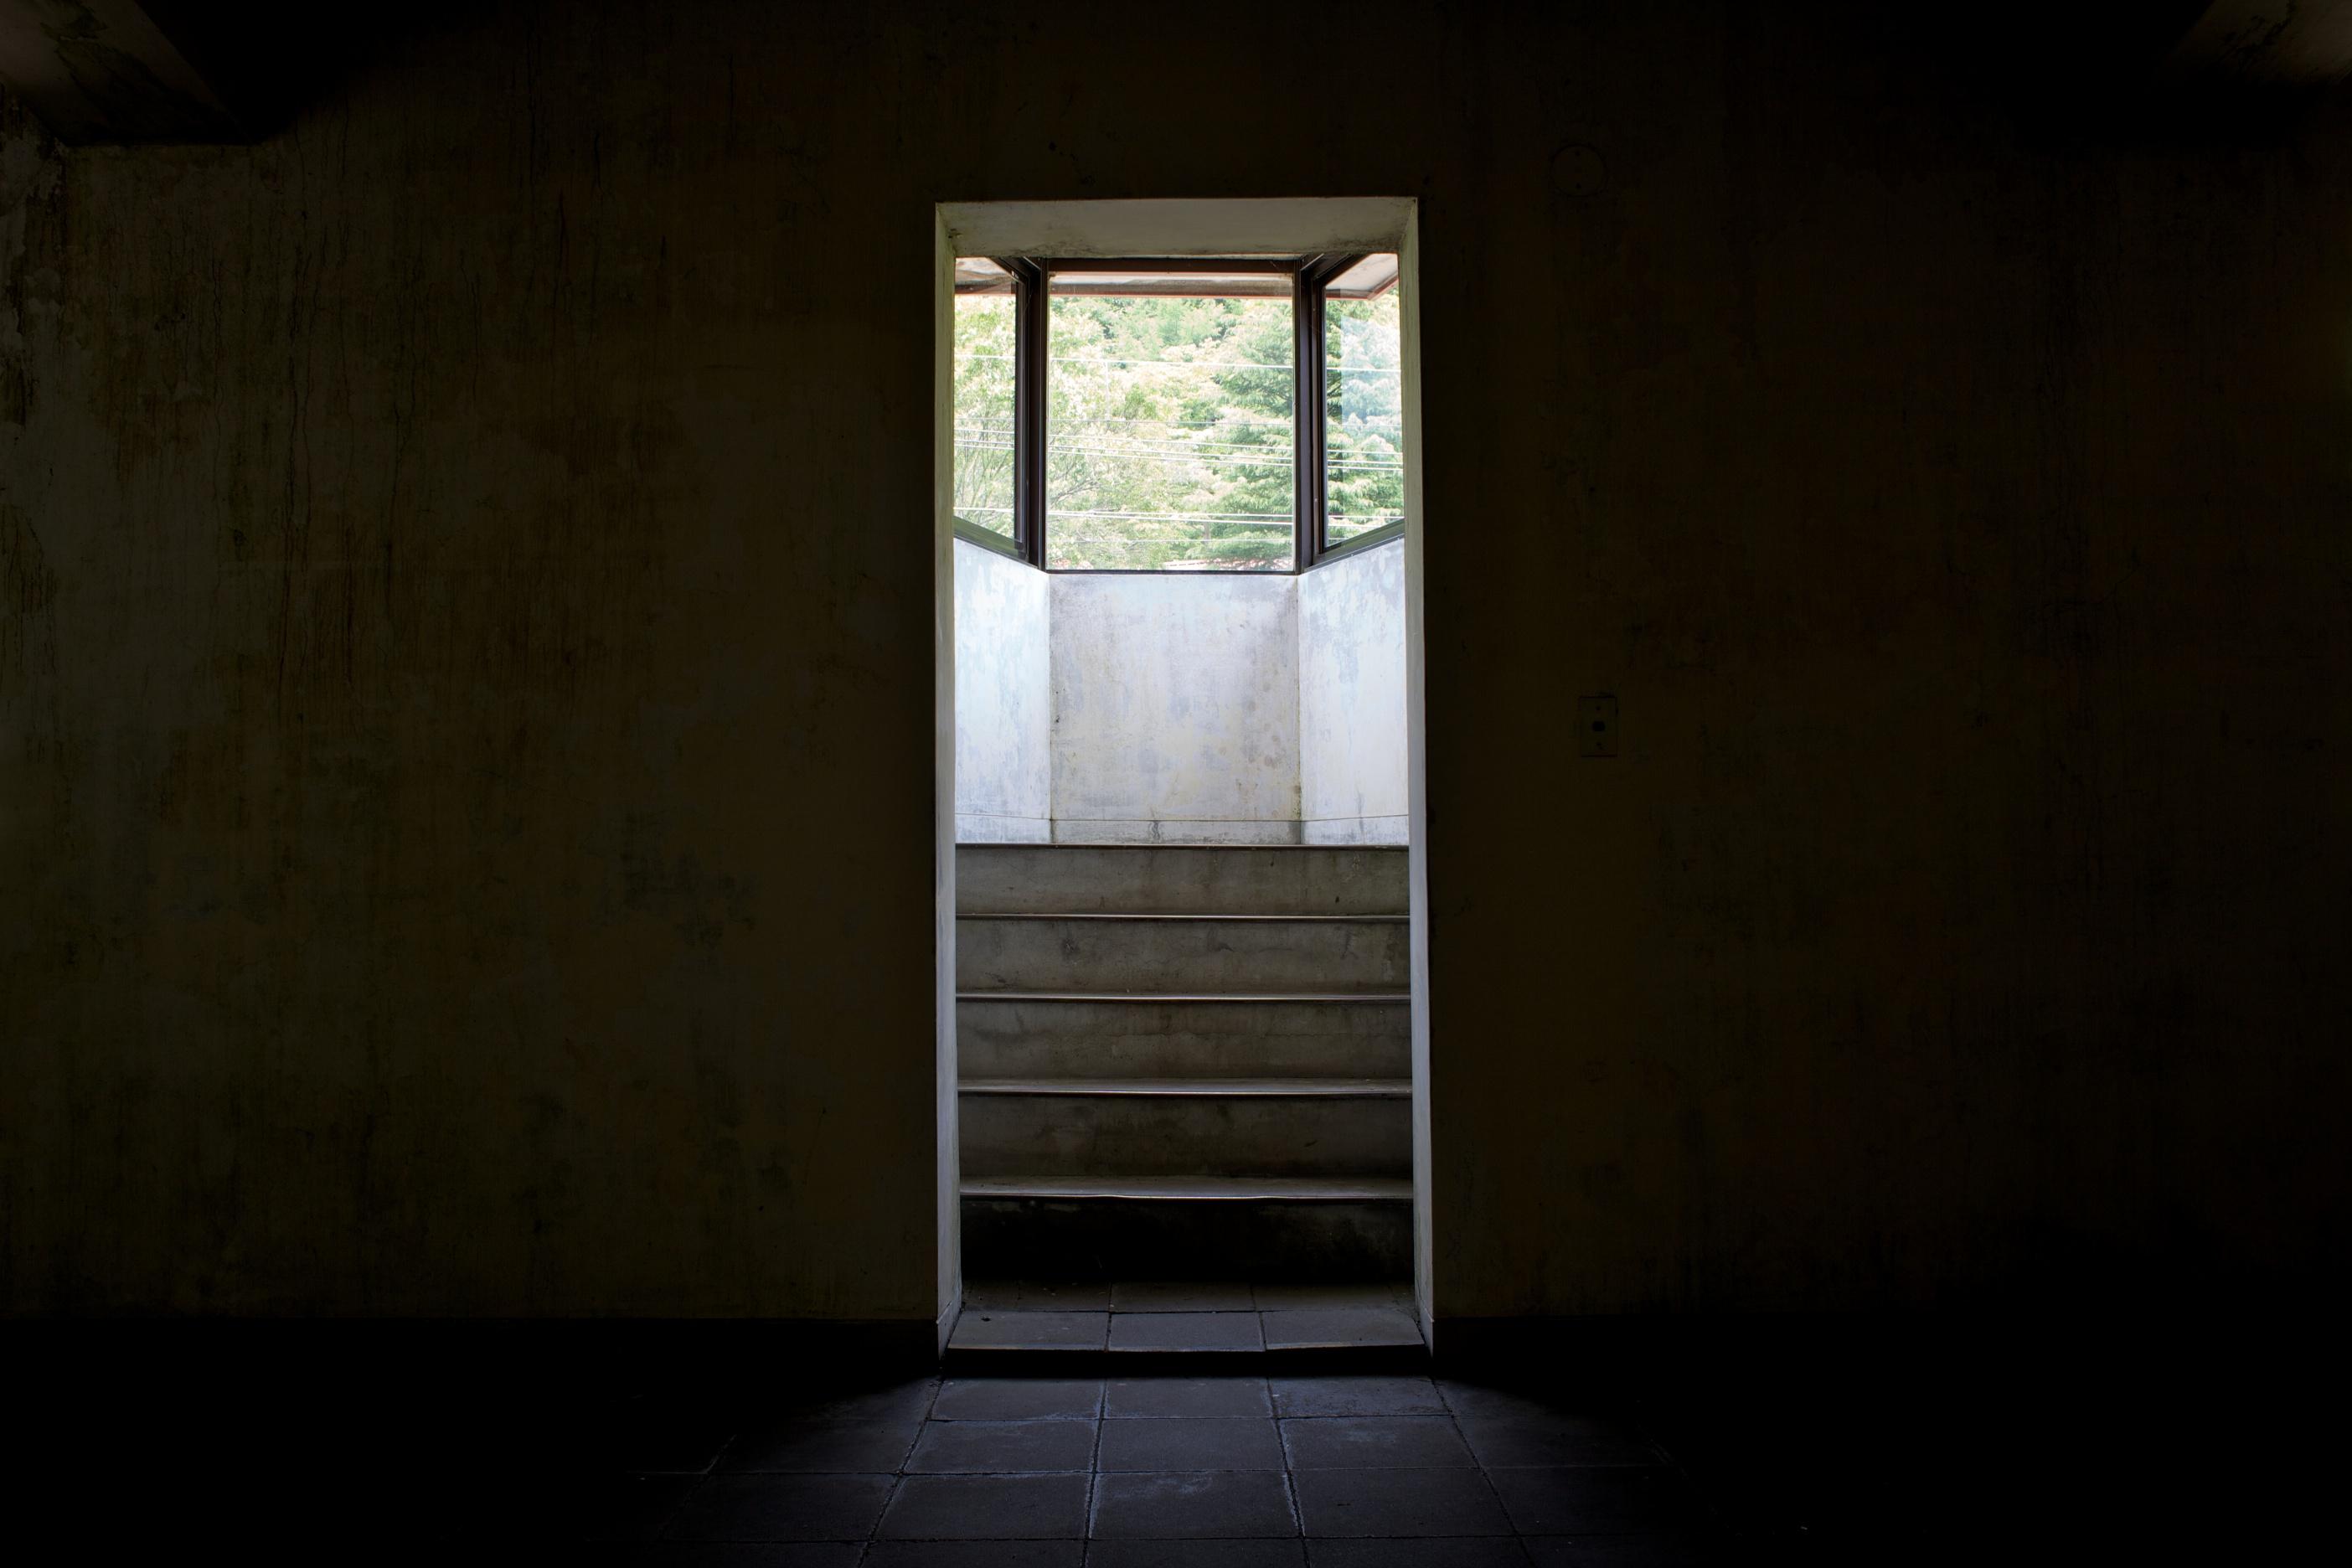 土合駅 改札の反対側辺りに、上りホームを見る事ができる出窓が設置されていました...  ^迷走局